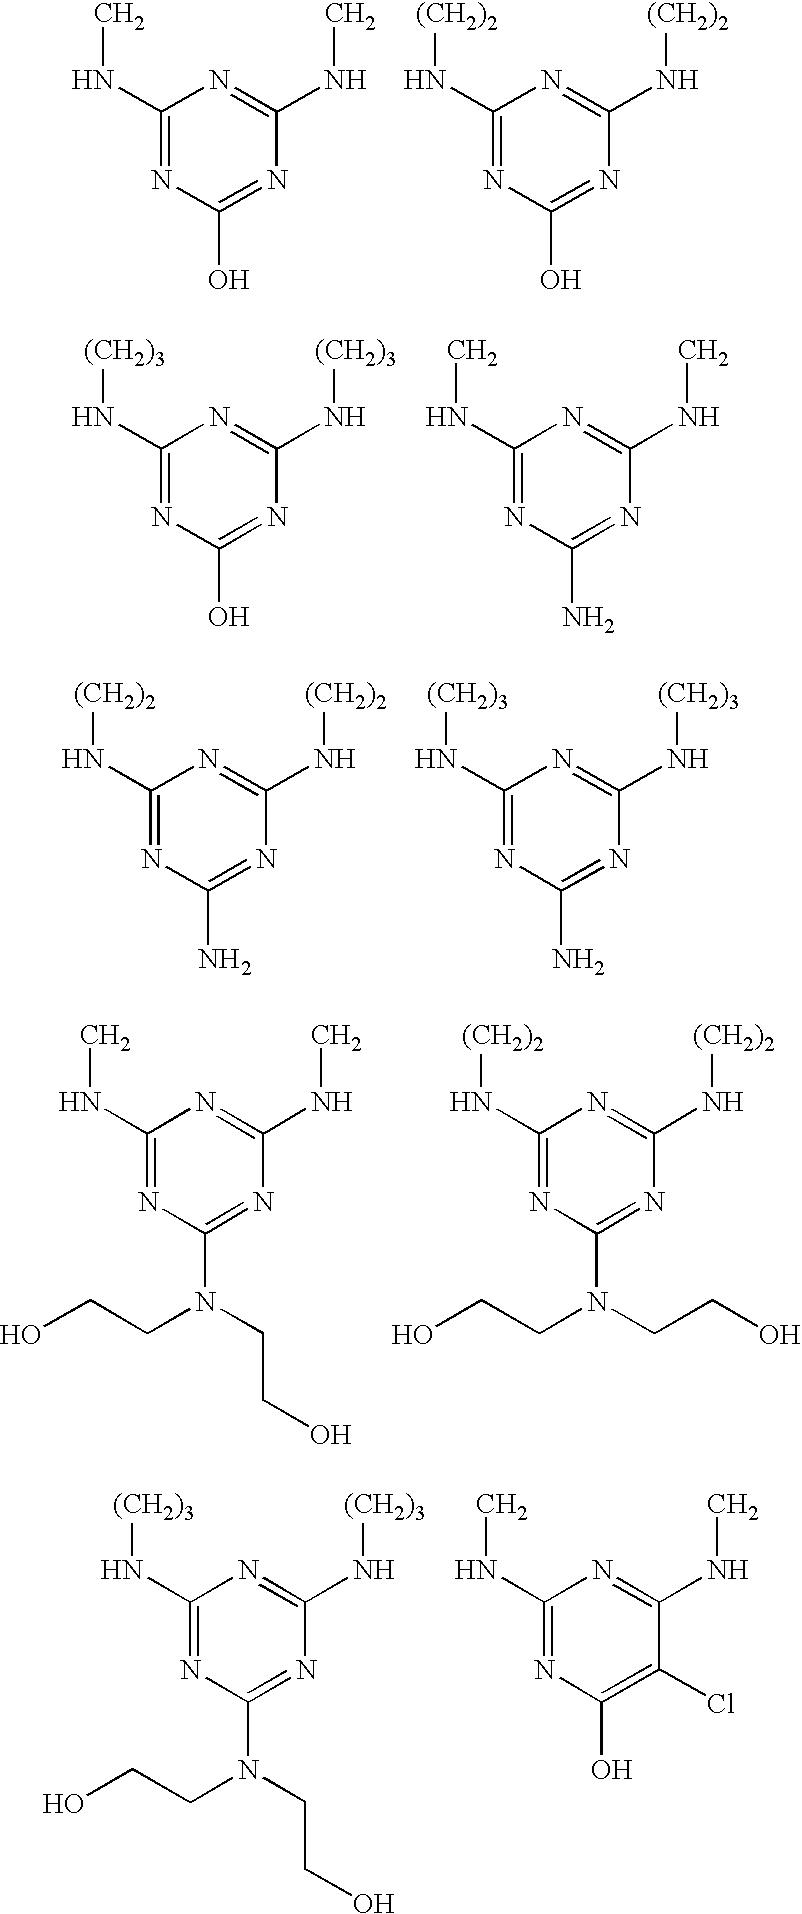 Figure US07250064-20070731-C00006